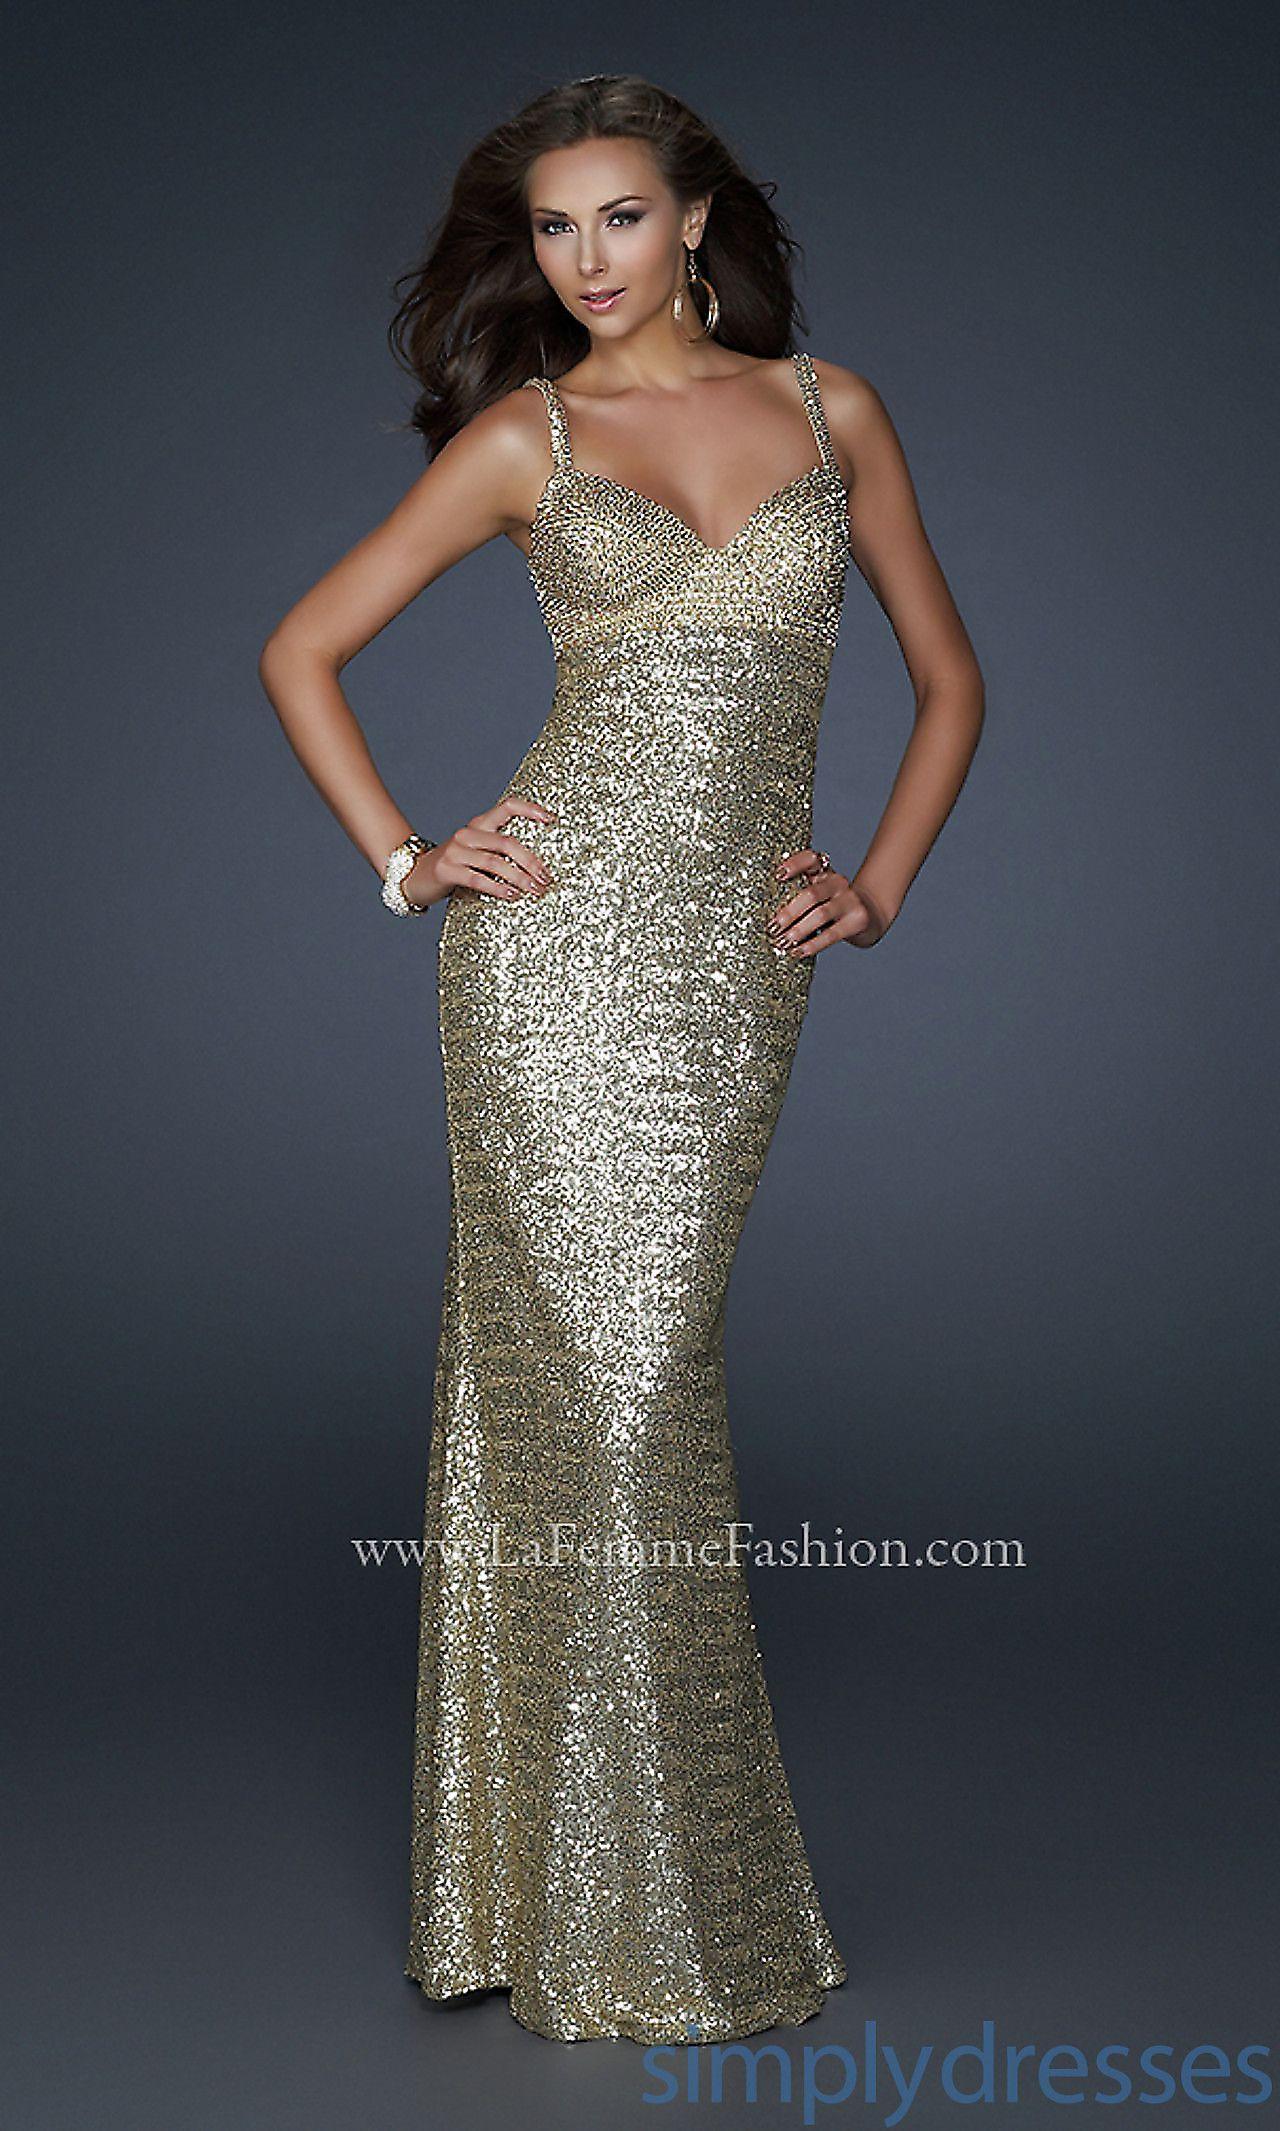 Gold sequin embellished la femme dress lf fashion